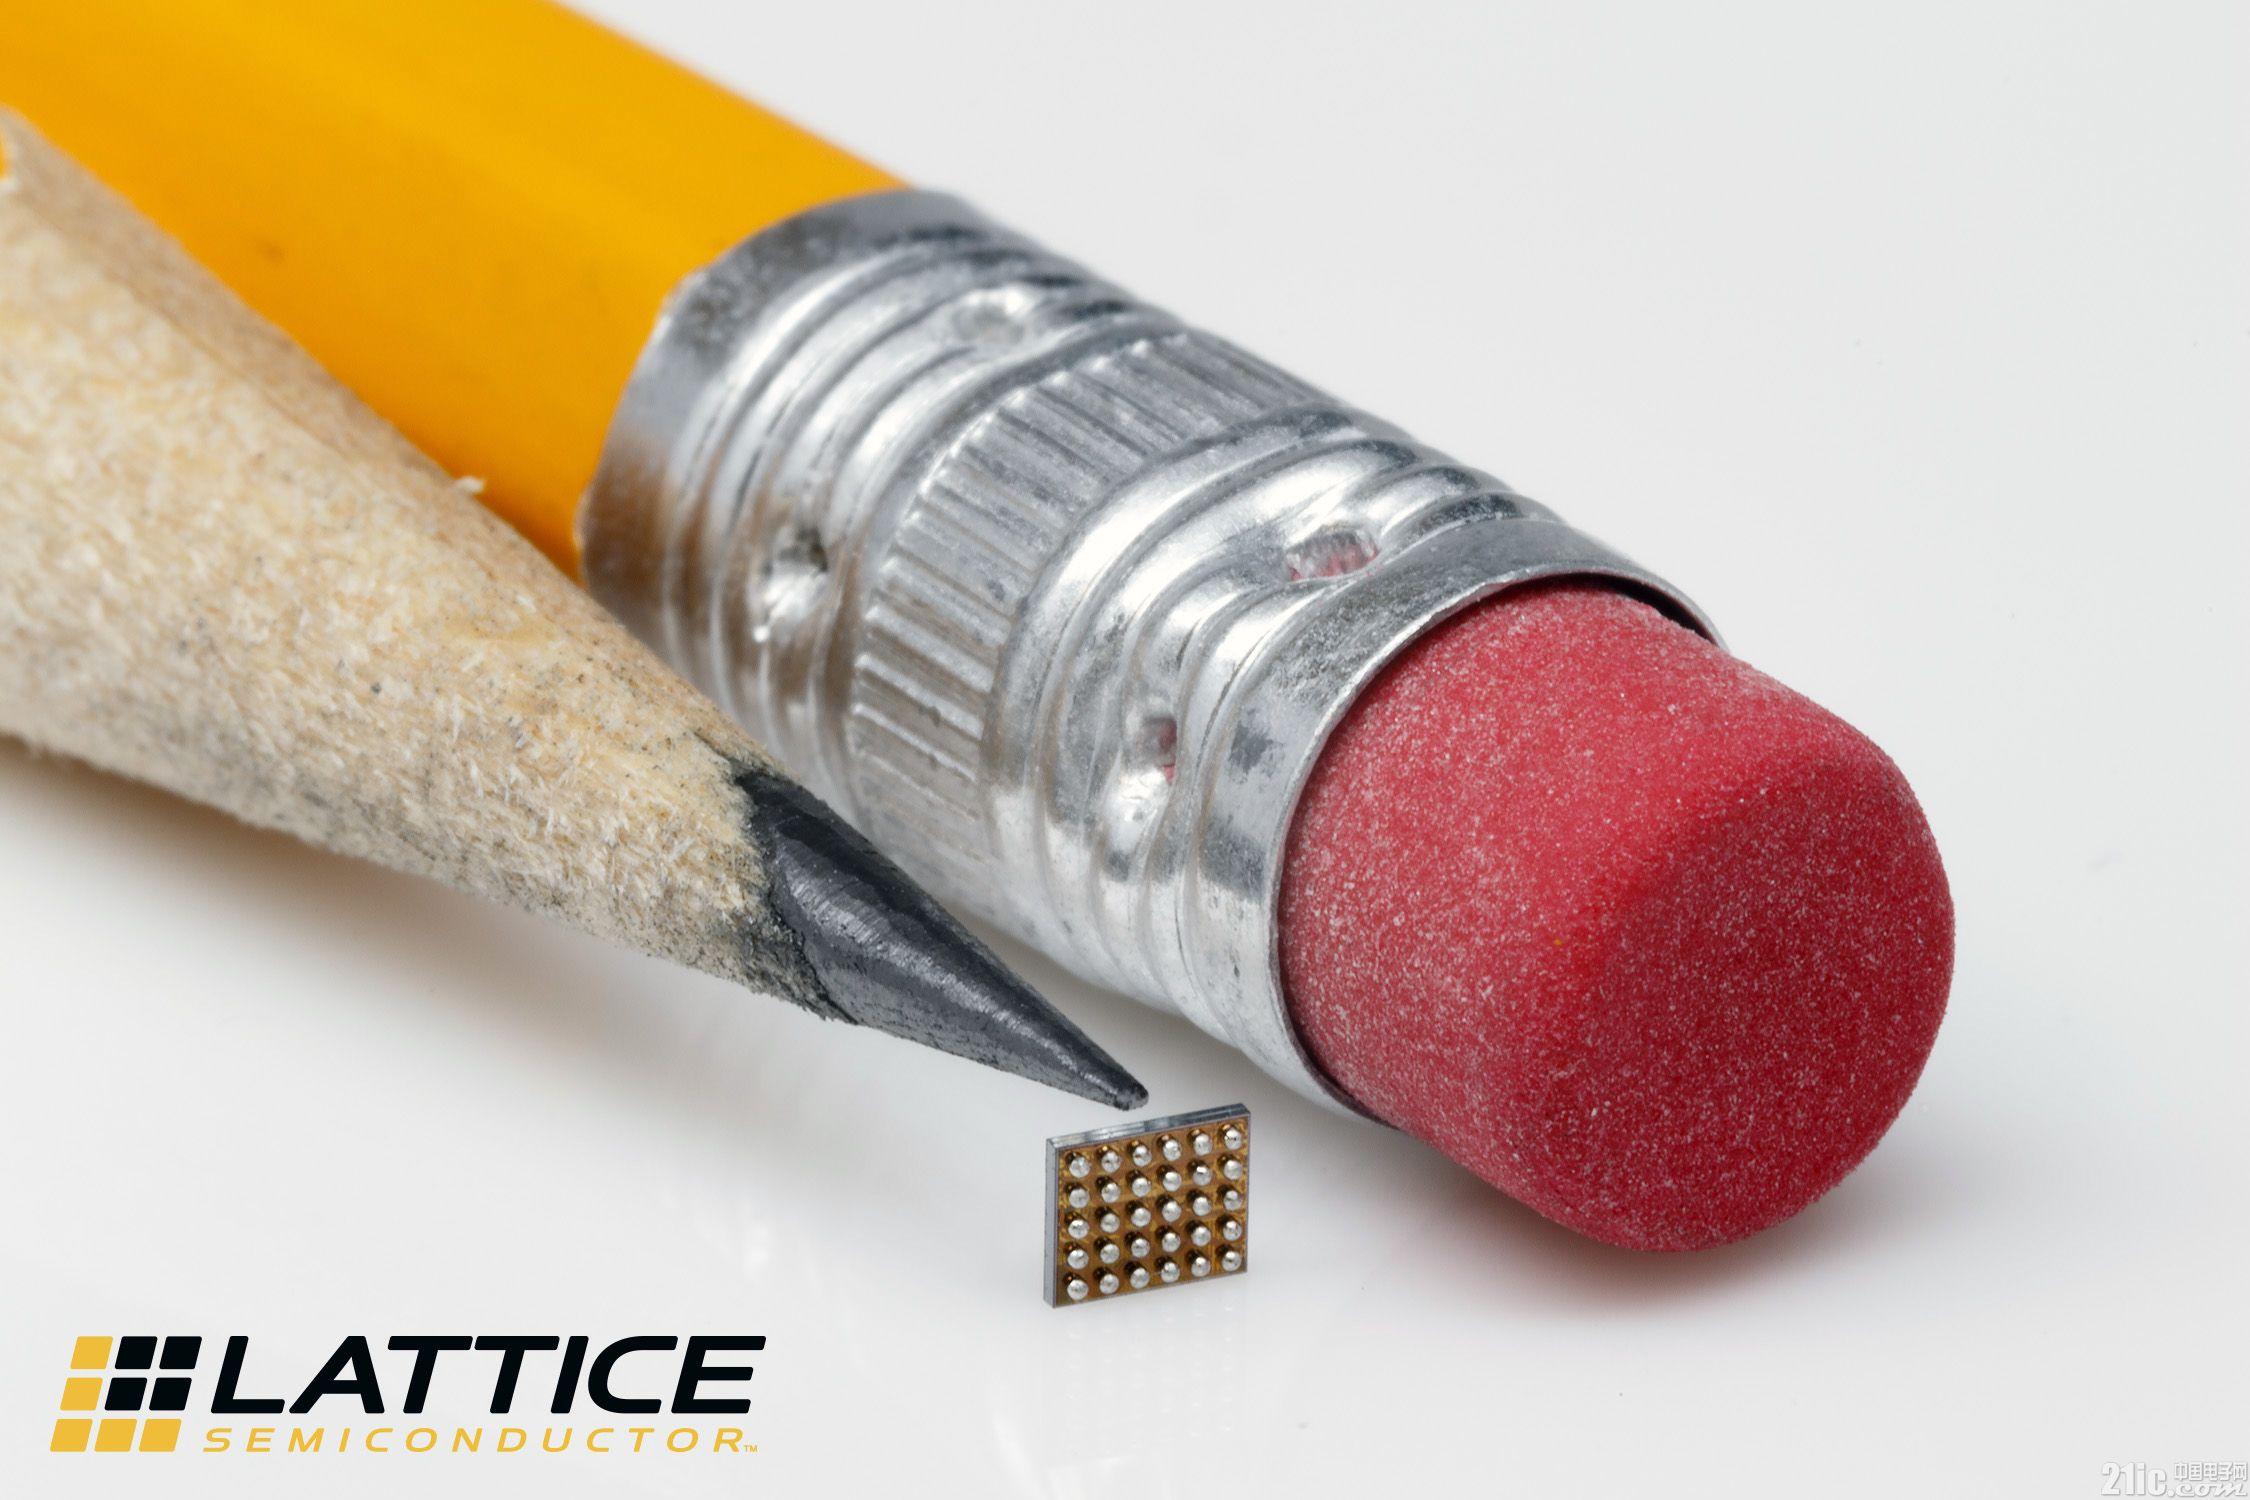 莱迪思半导体推出全新的iCE40 UltraPlus™器件,为客户加速智能手机和物联网边缘产品创新